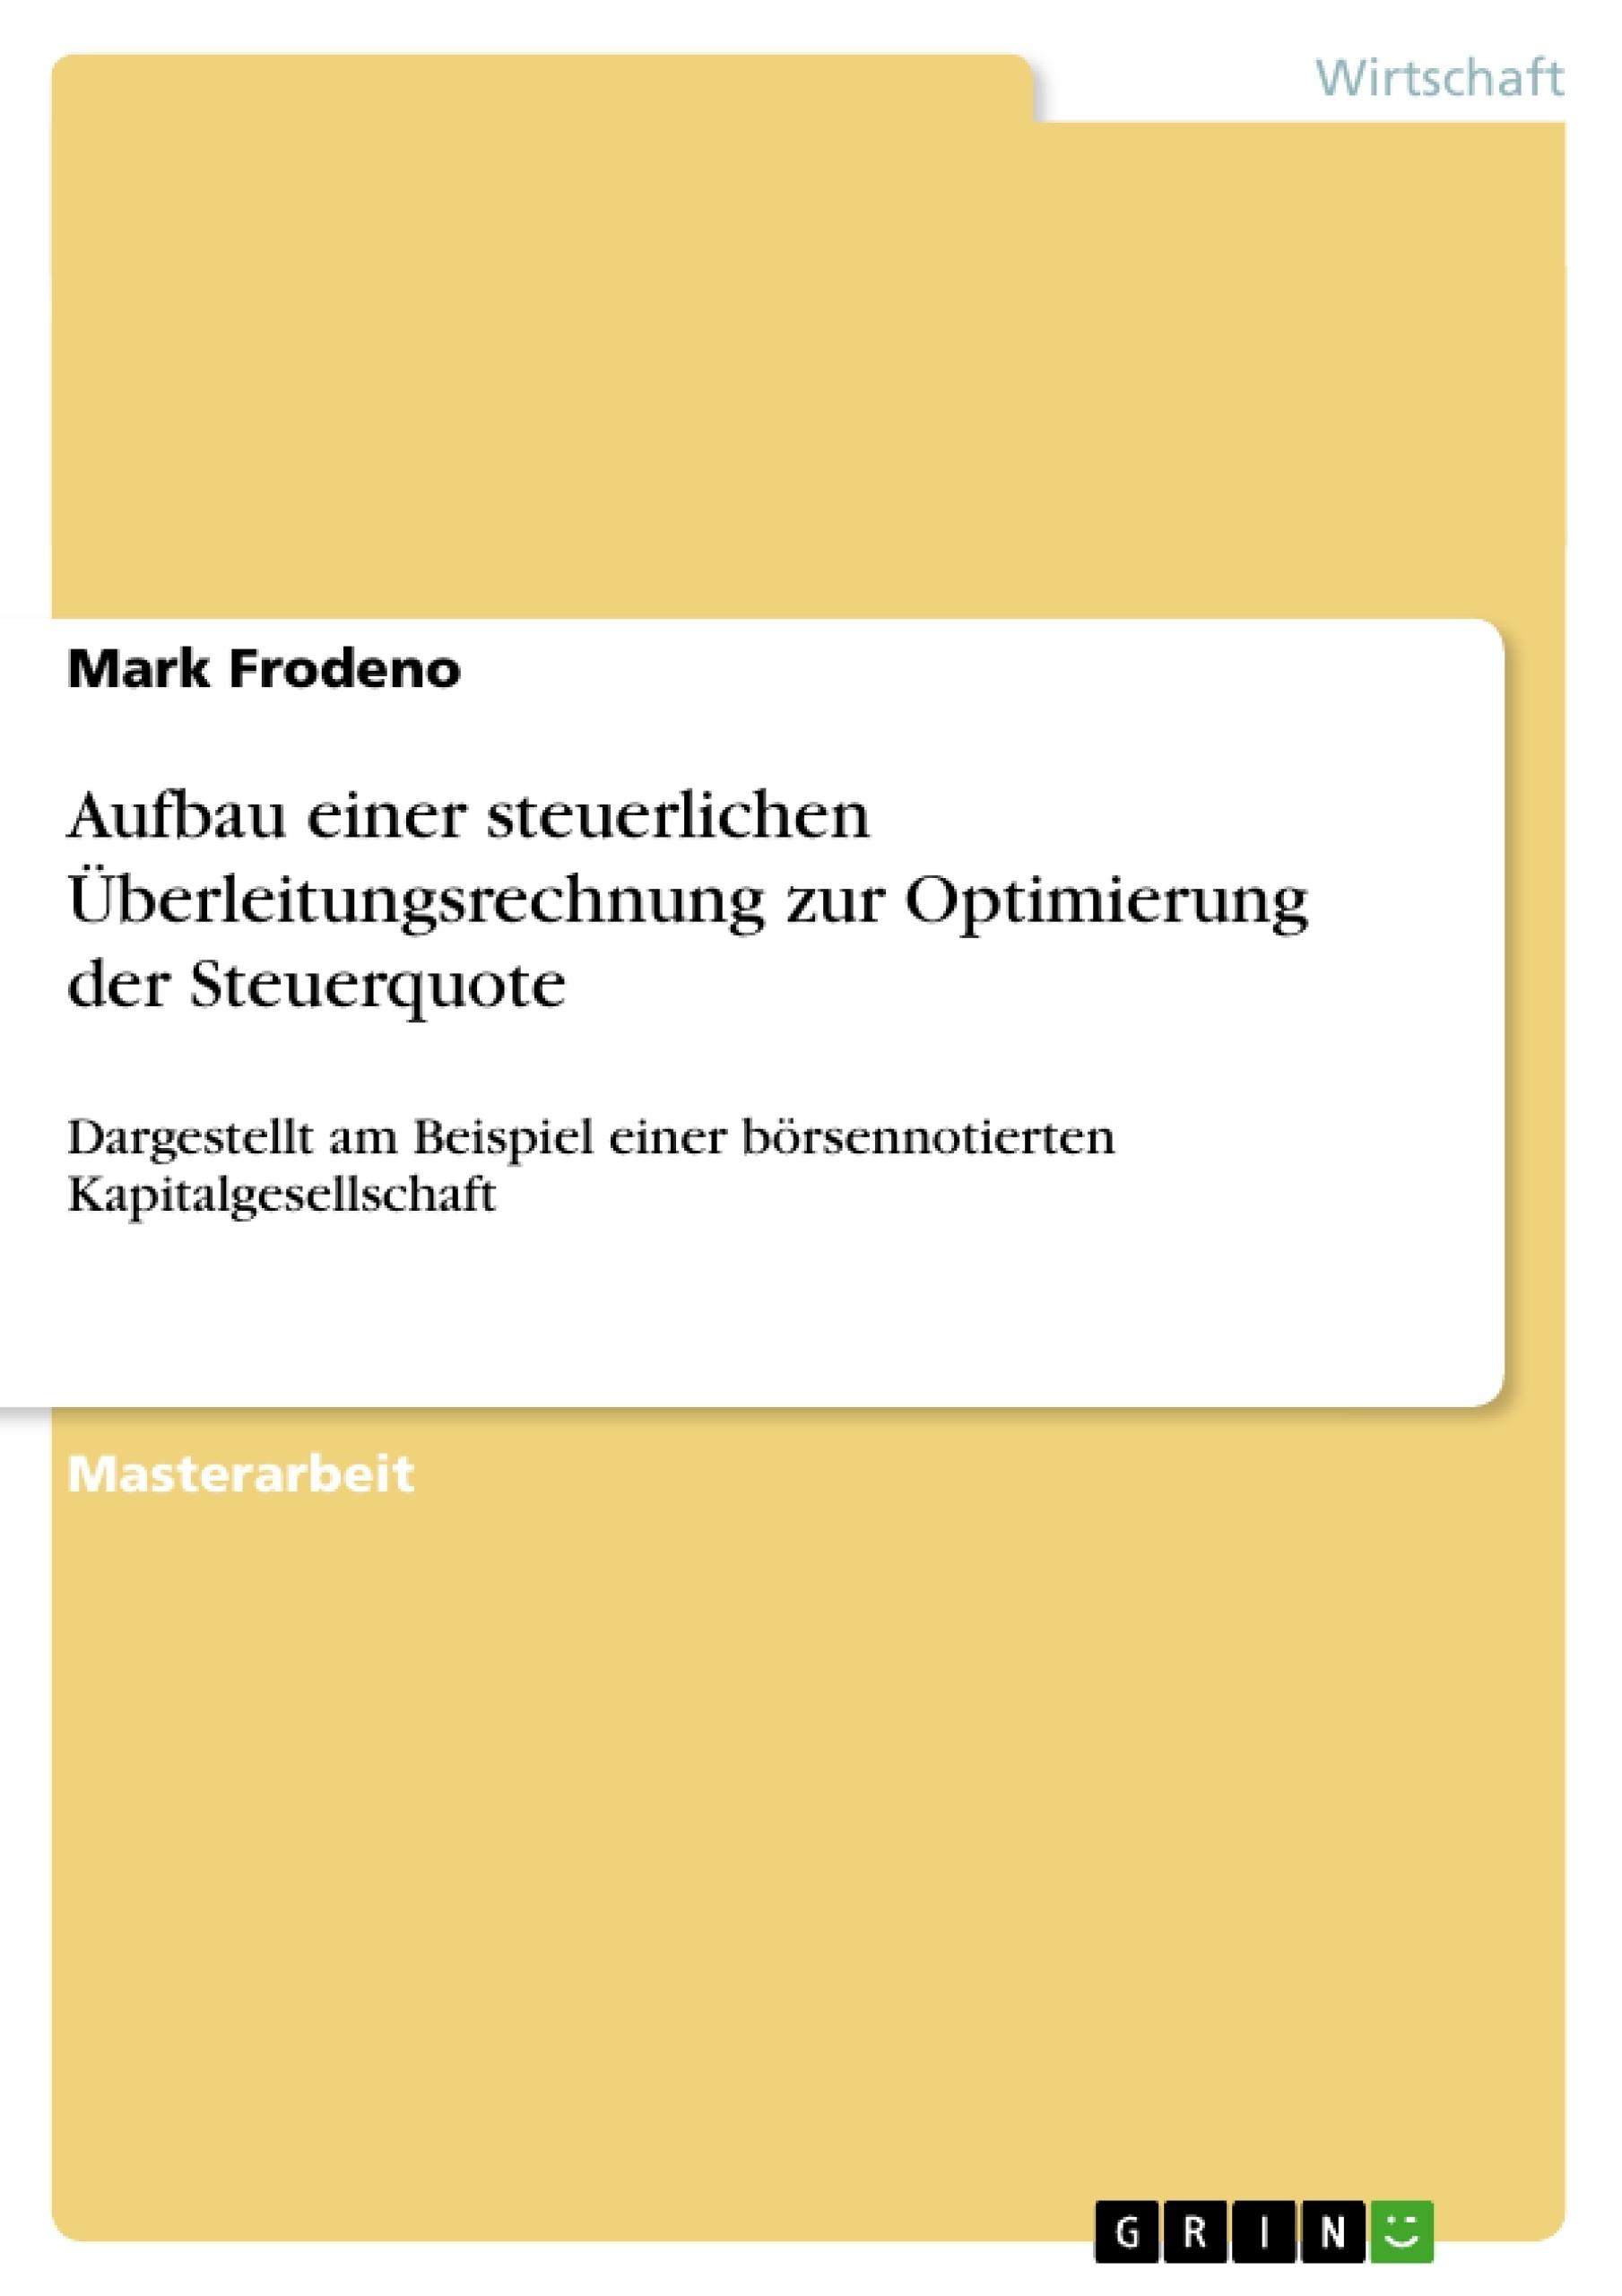 Titel: Aufbau einer steuerlichen Überleitungsrechnung zur Optimierung der Steuerquote